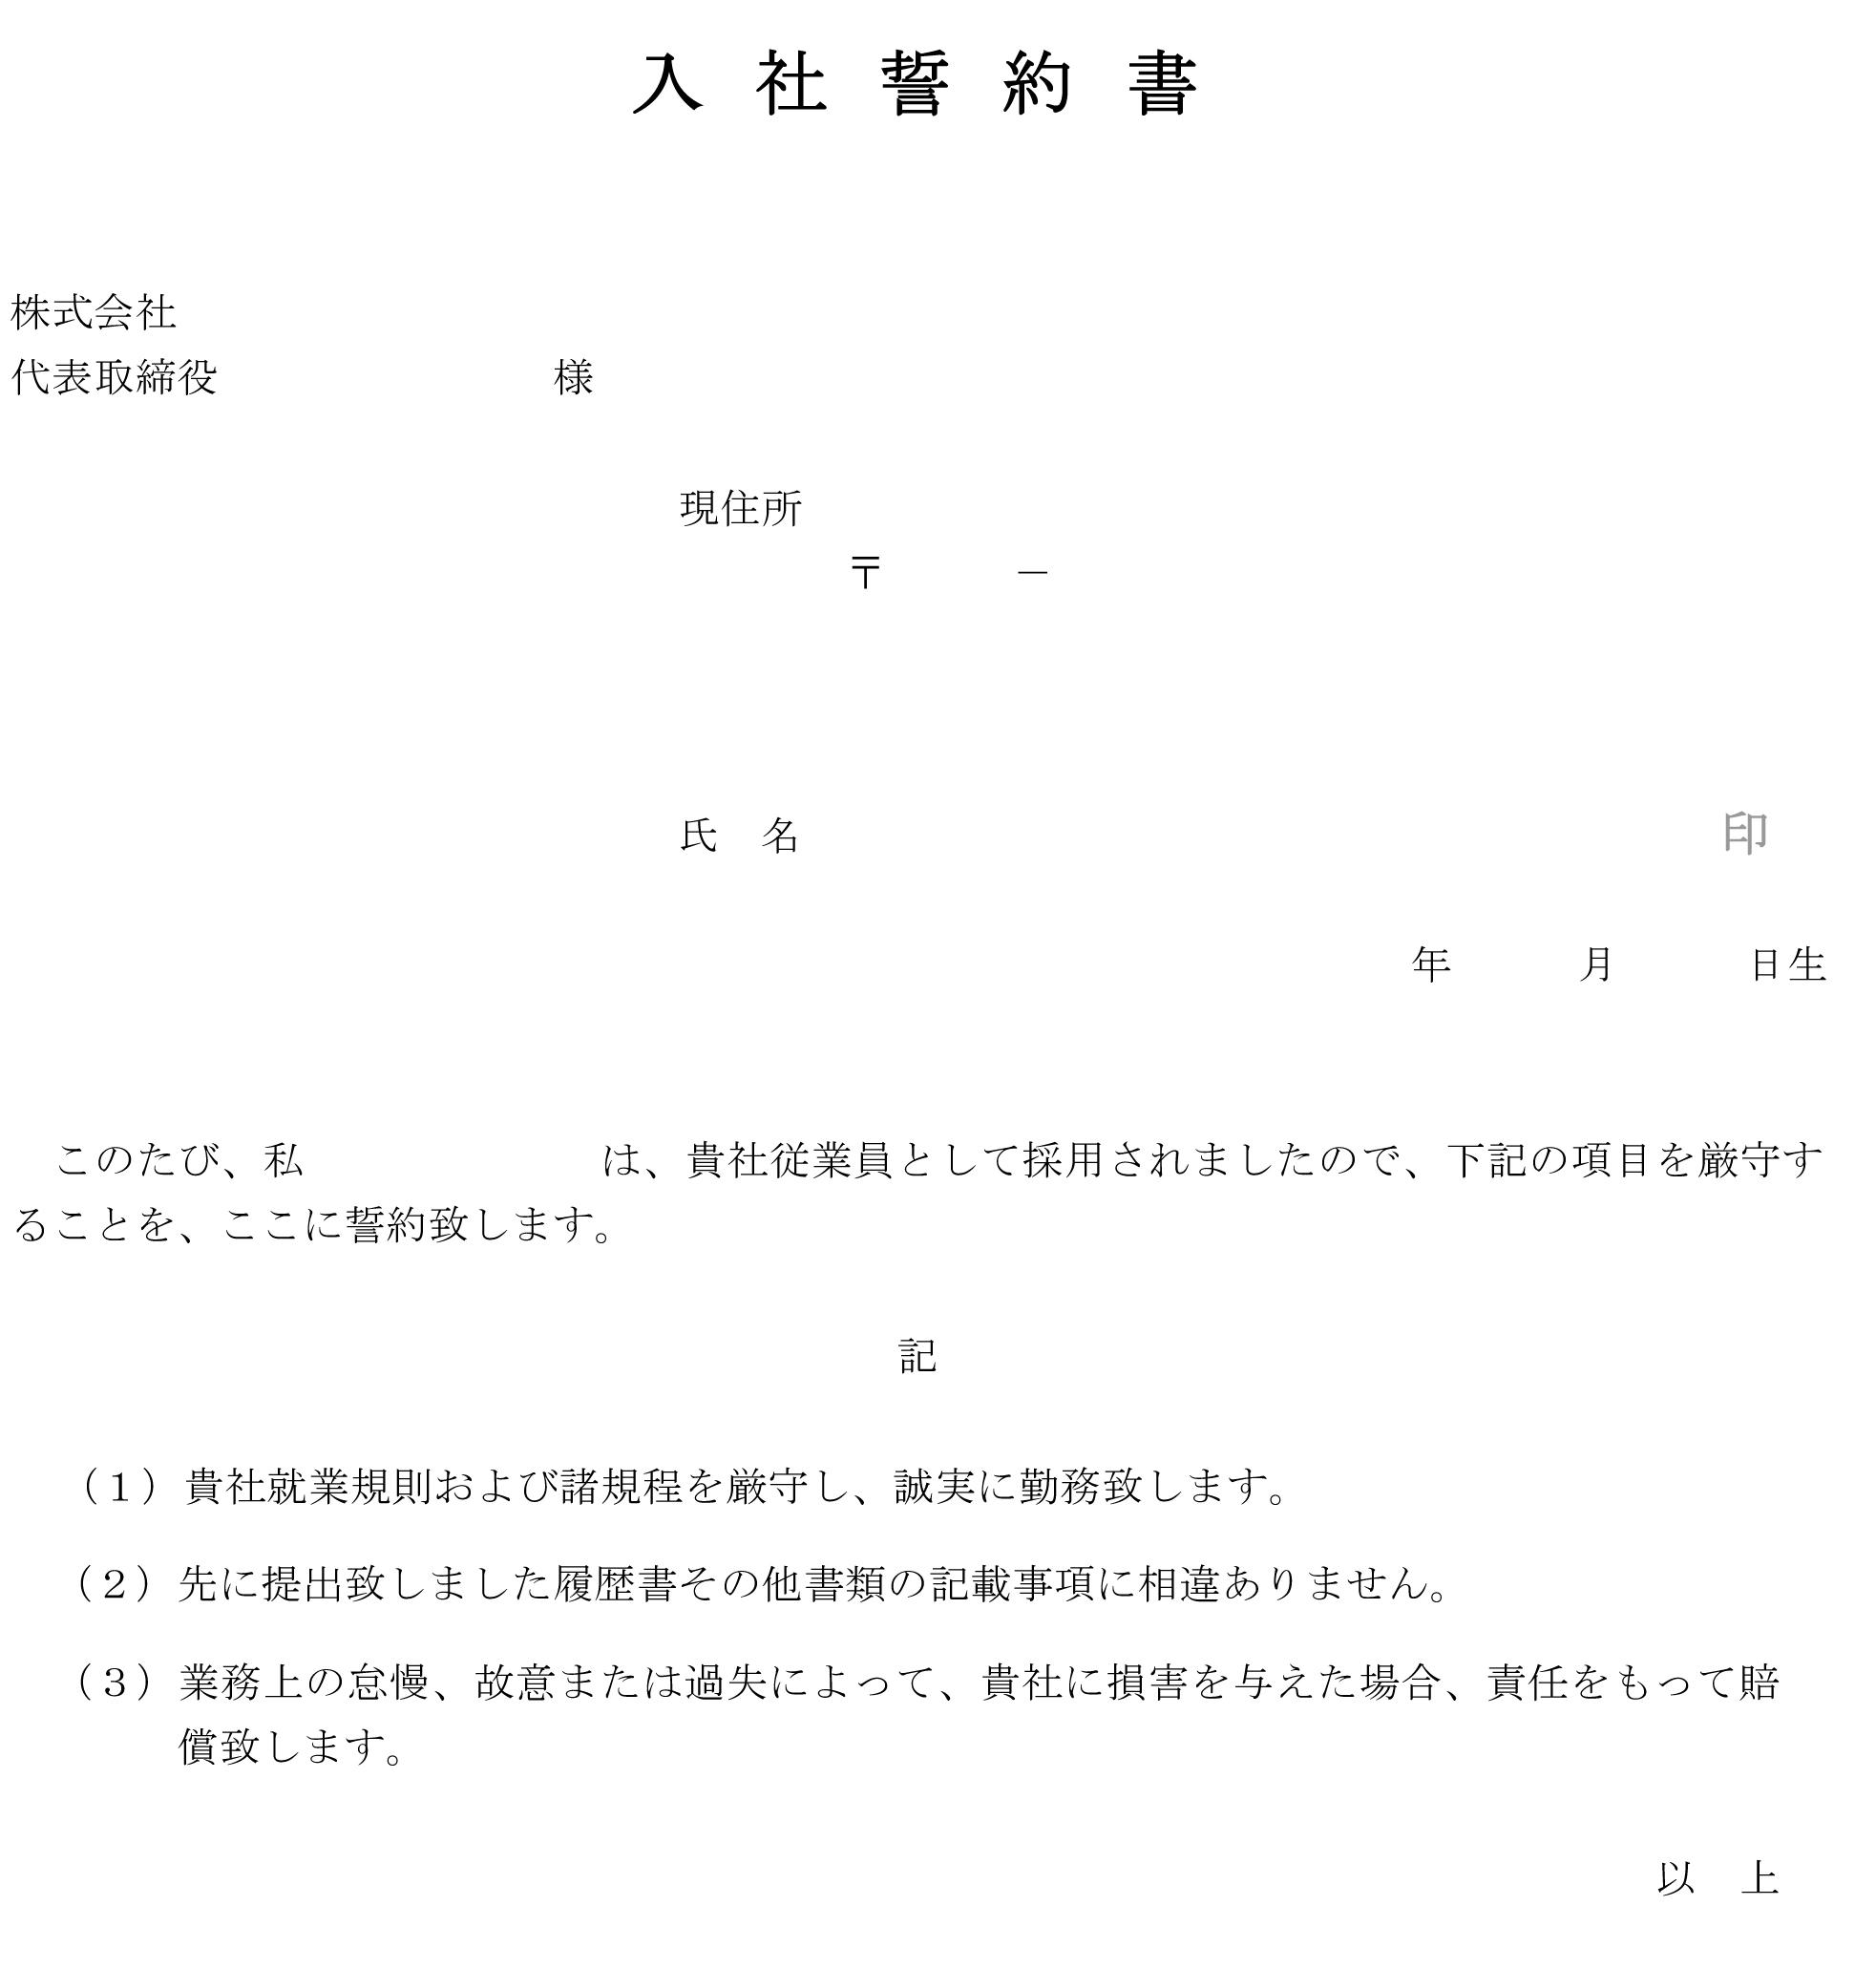 入社誓約書(身元承諾書つき)